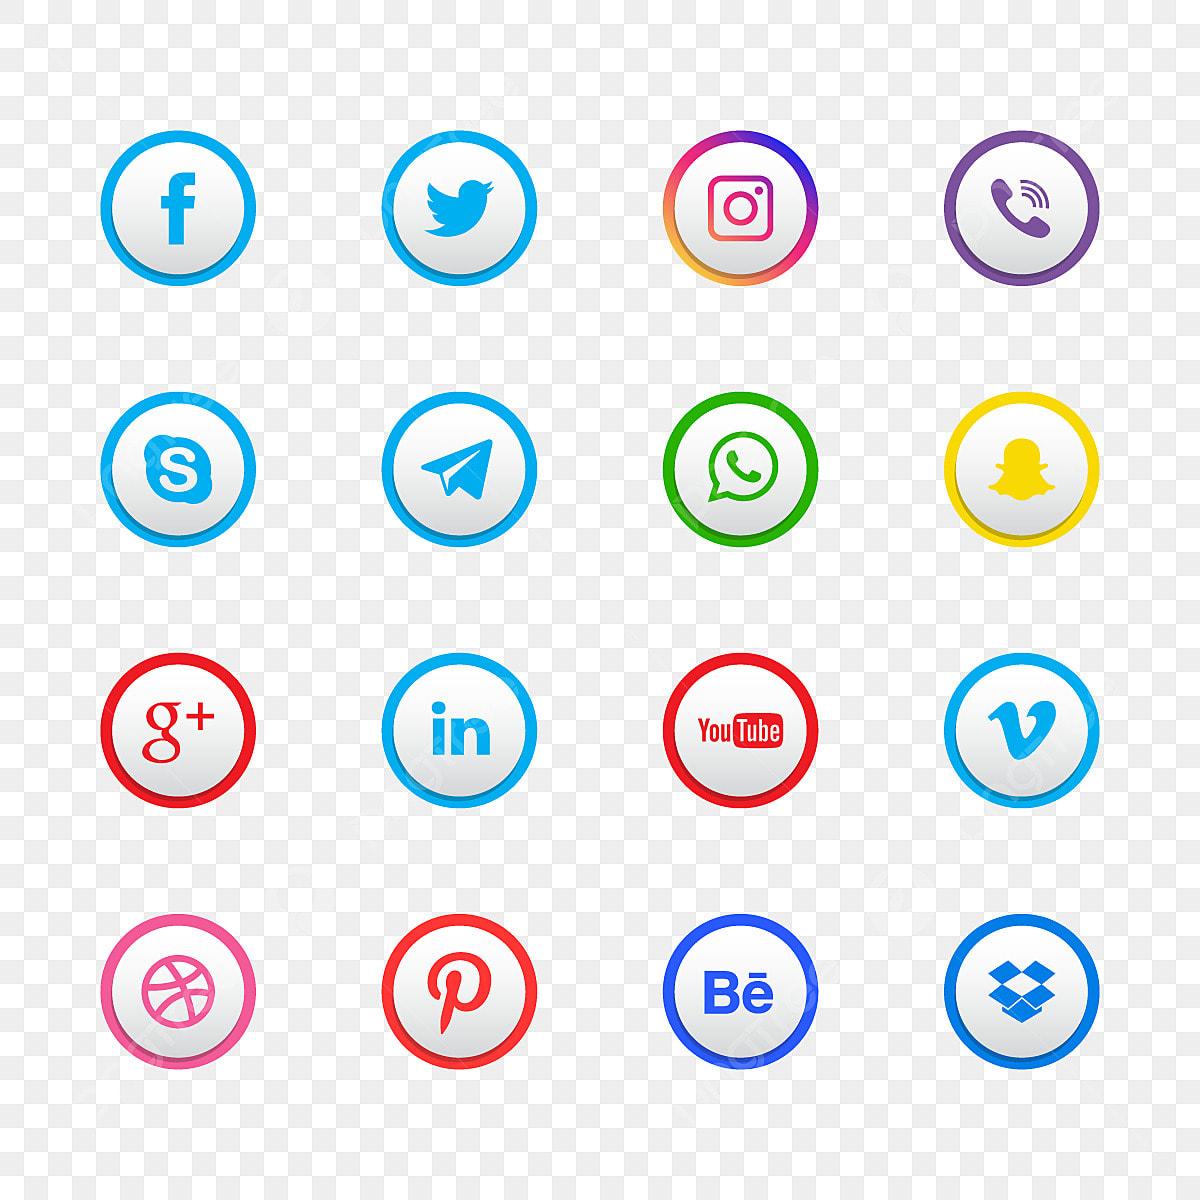 وسائل الإعلام ايقونات التواصل الاجتماعي